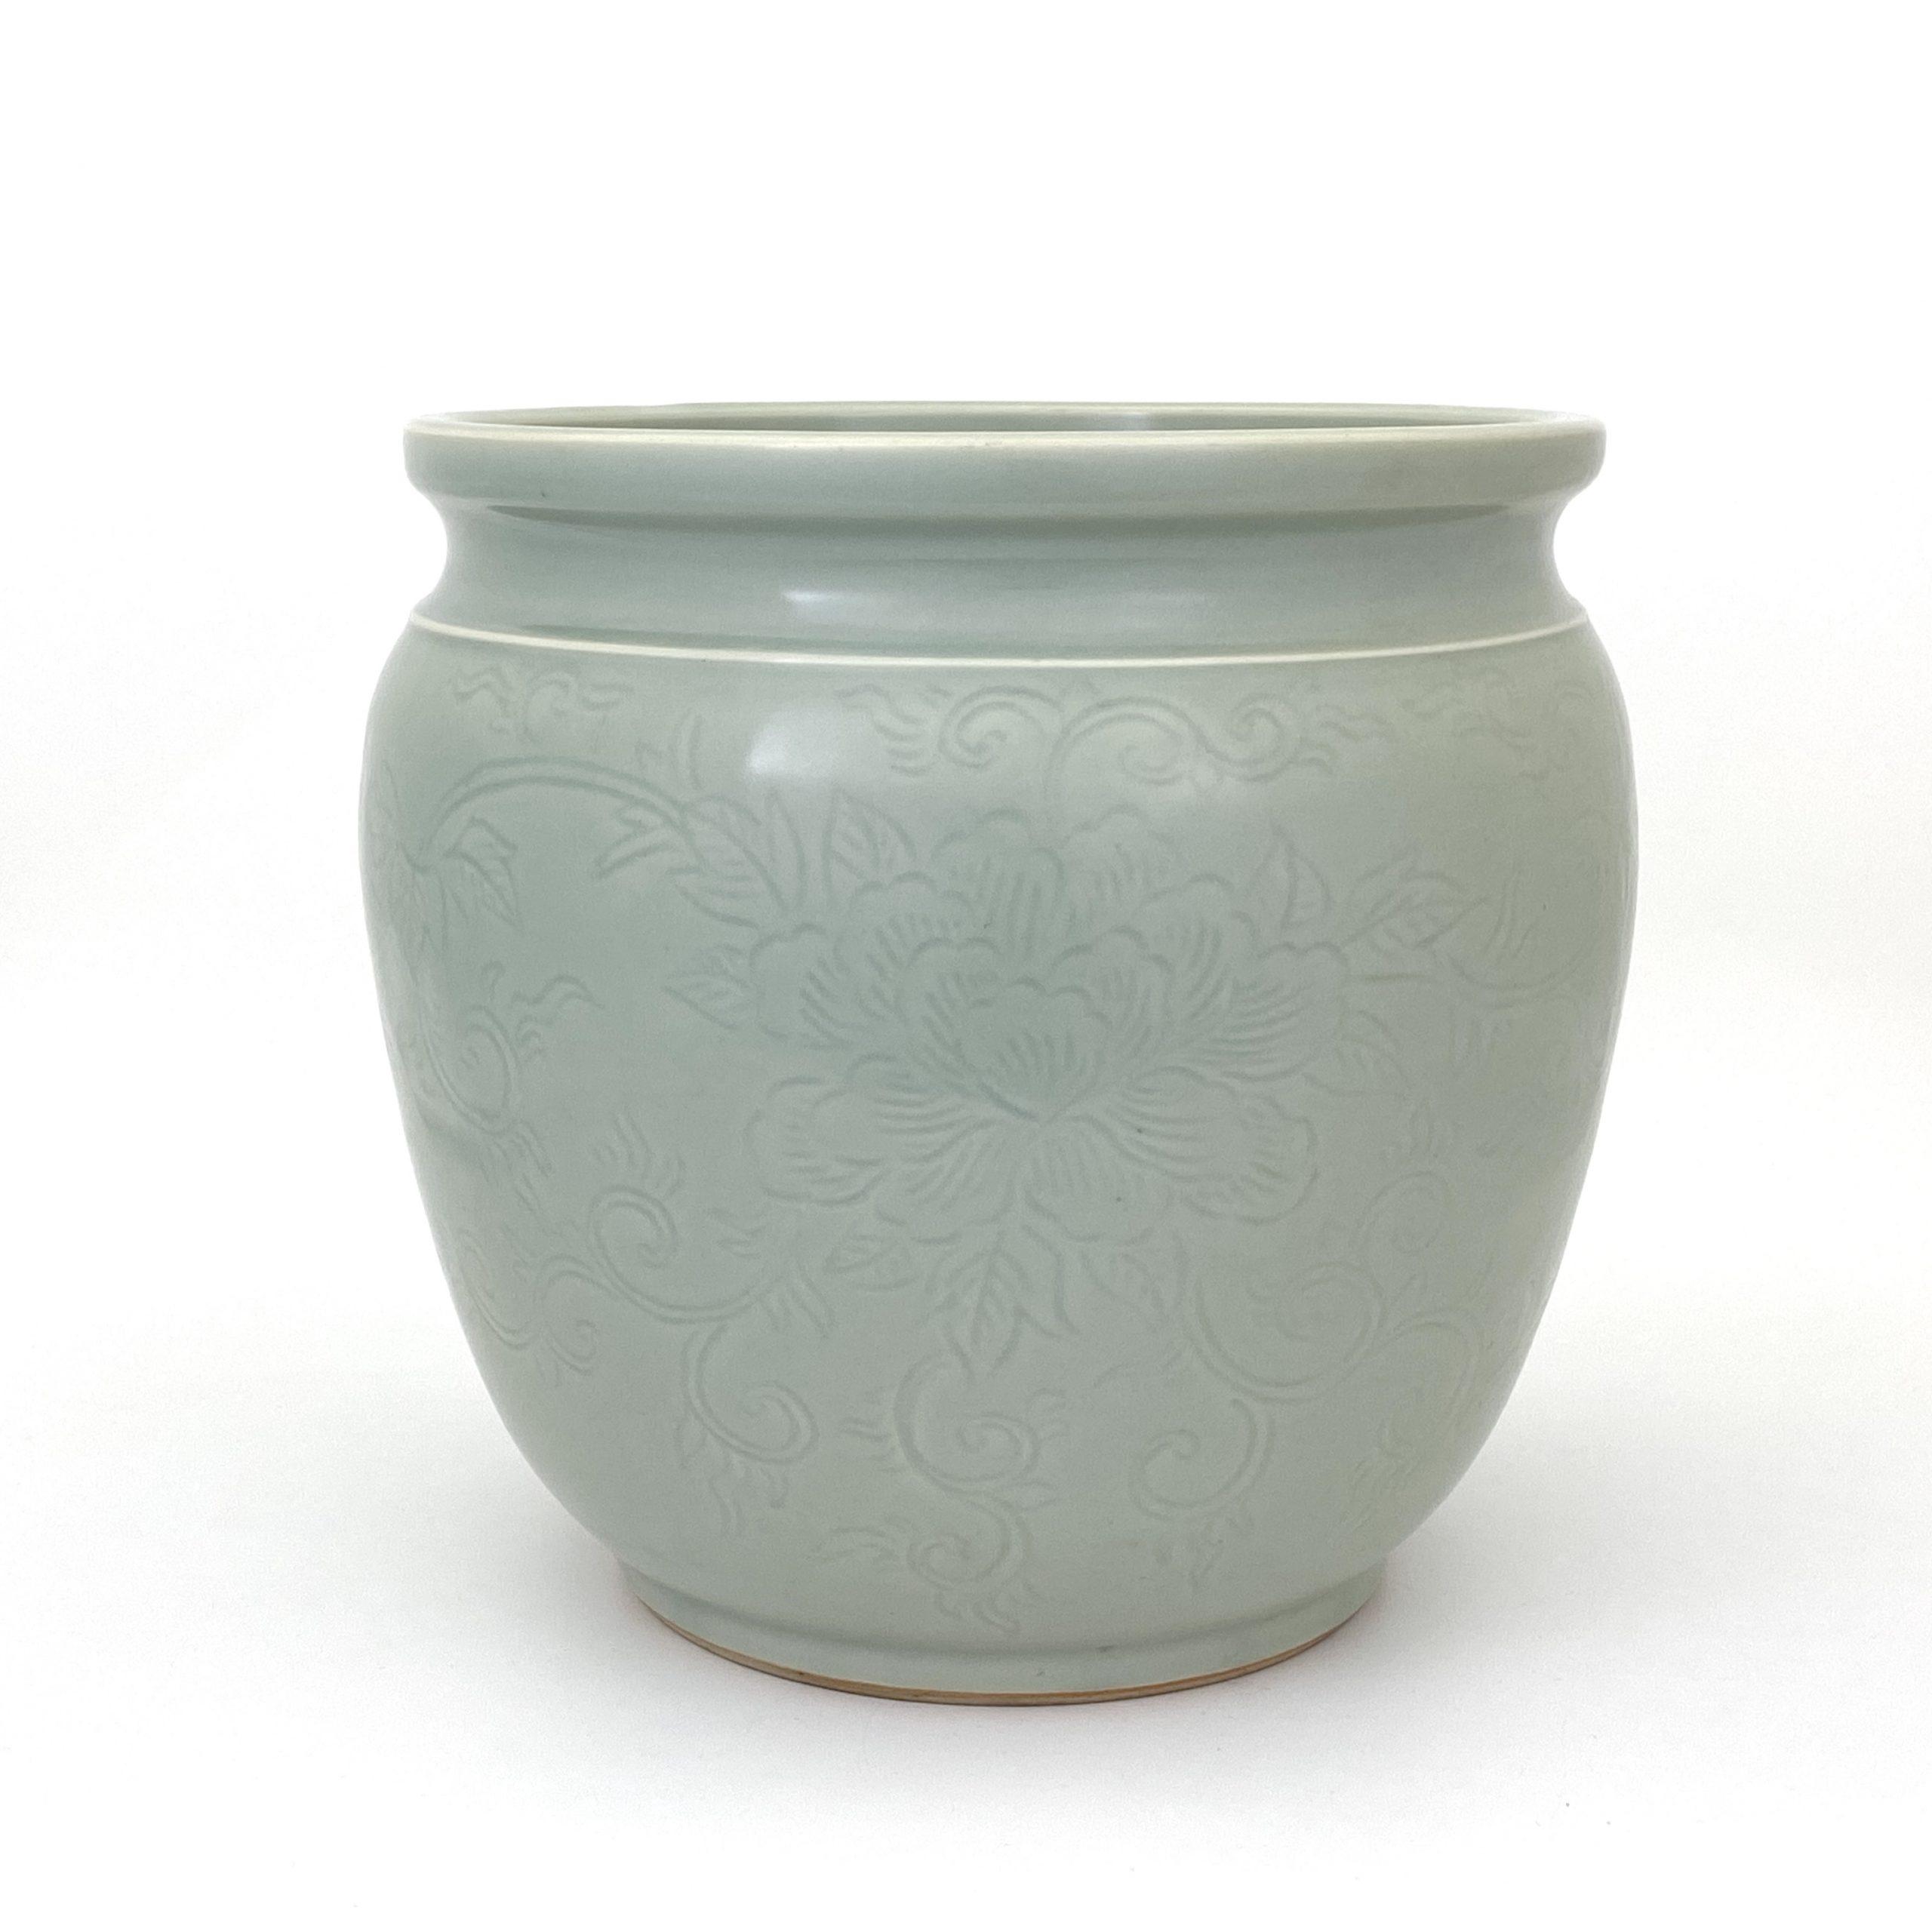 21083「大明成化年製」款 粉青釉 刻花紋 水缸